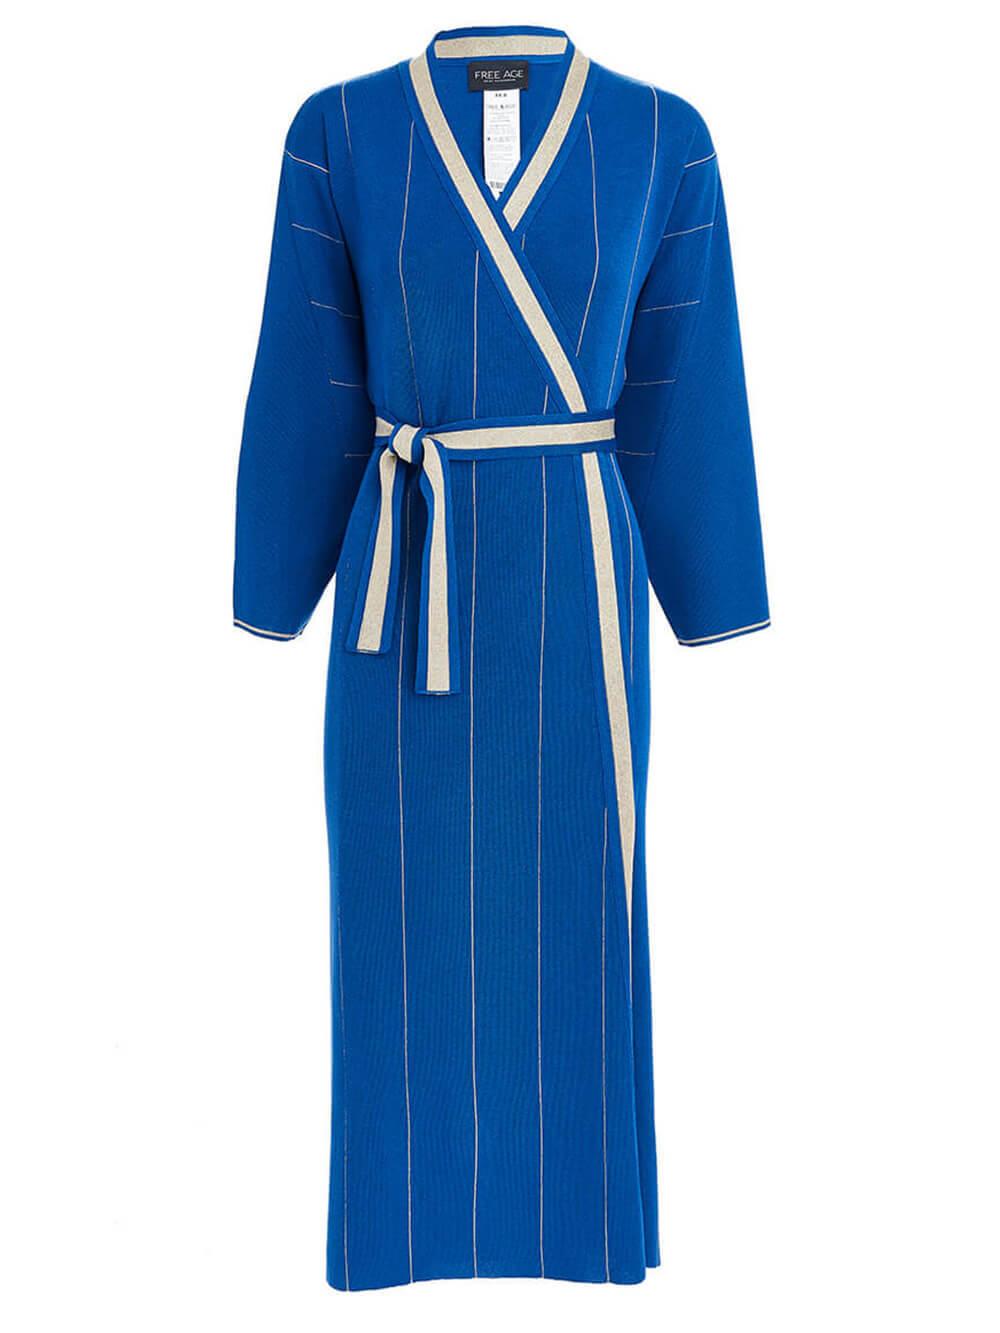 Женское платье синего цвета из вискозы - фото 1